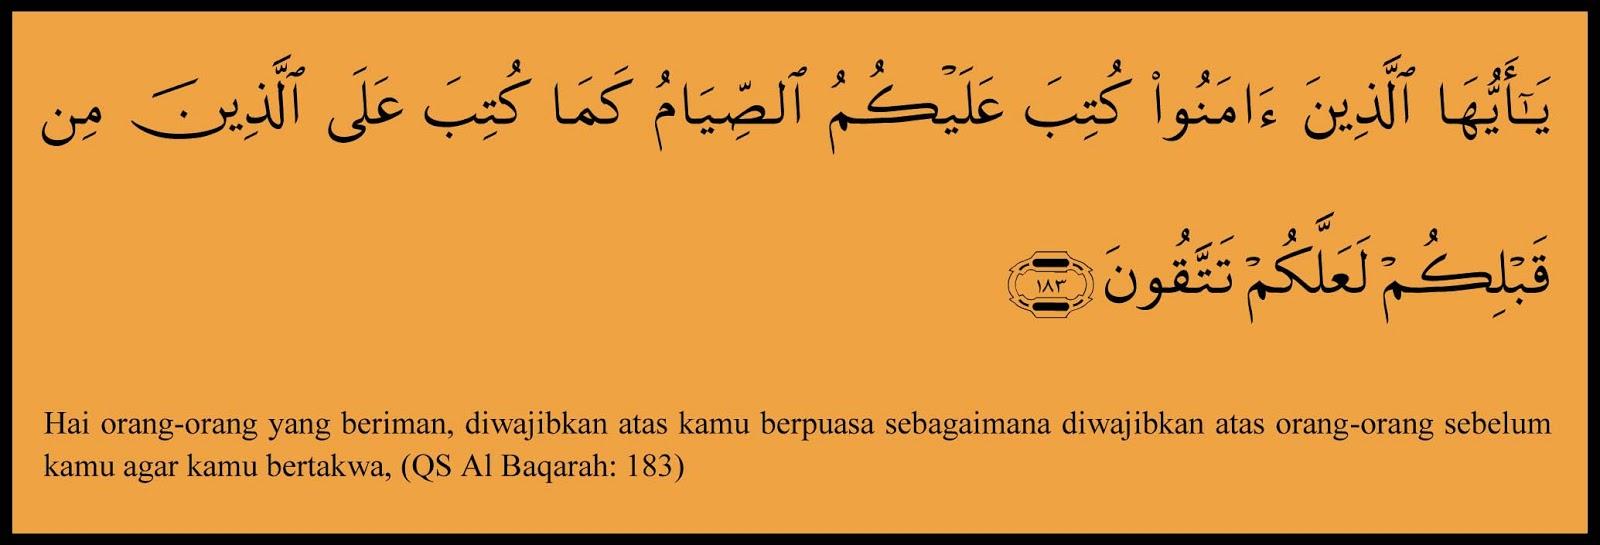 Alternatif Hiburan Aman Di Bulan Ramadhan, puasa, ramadhan